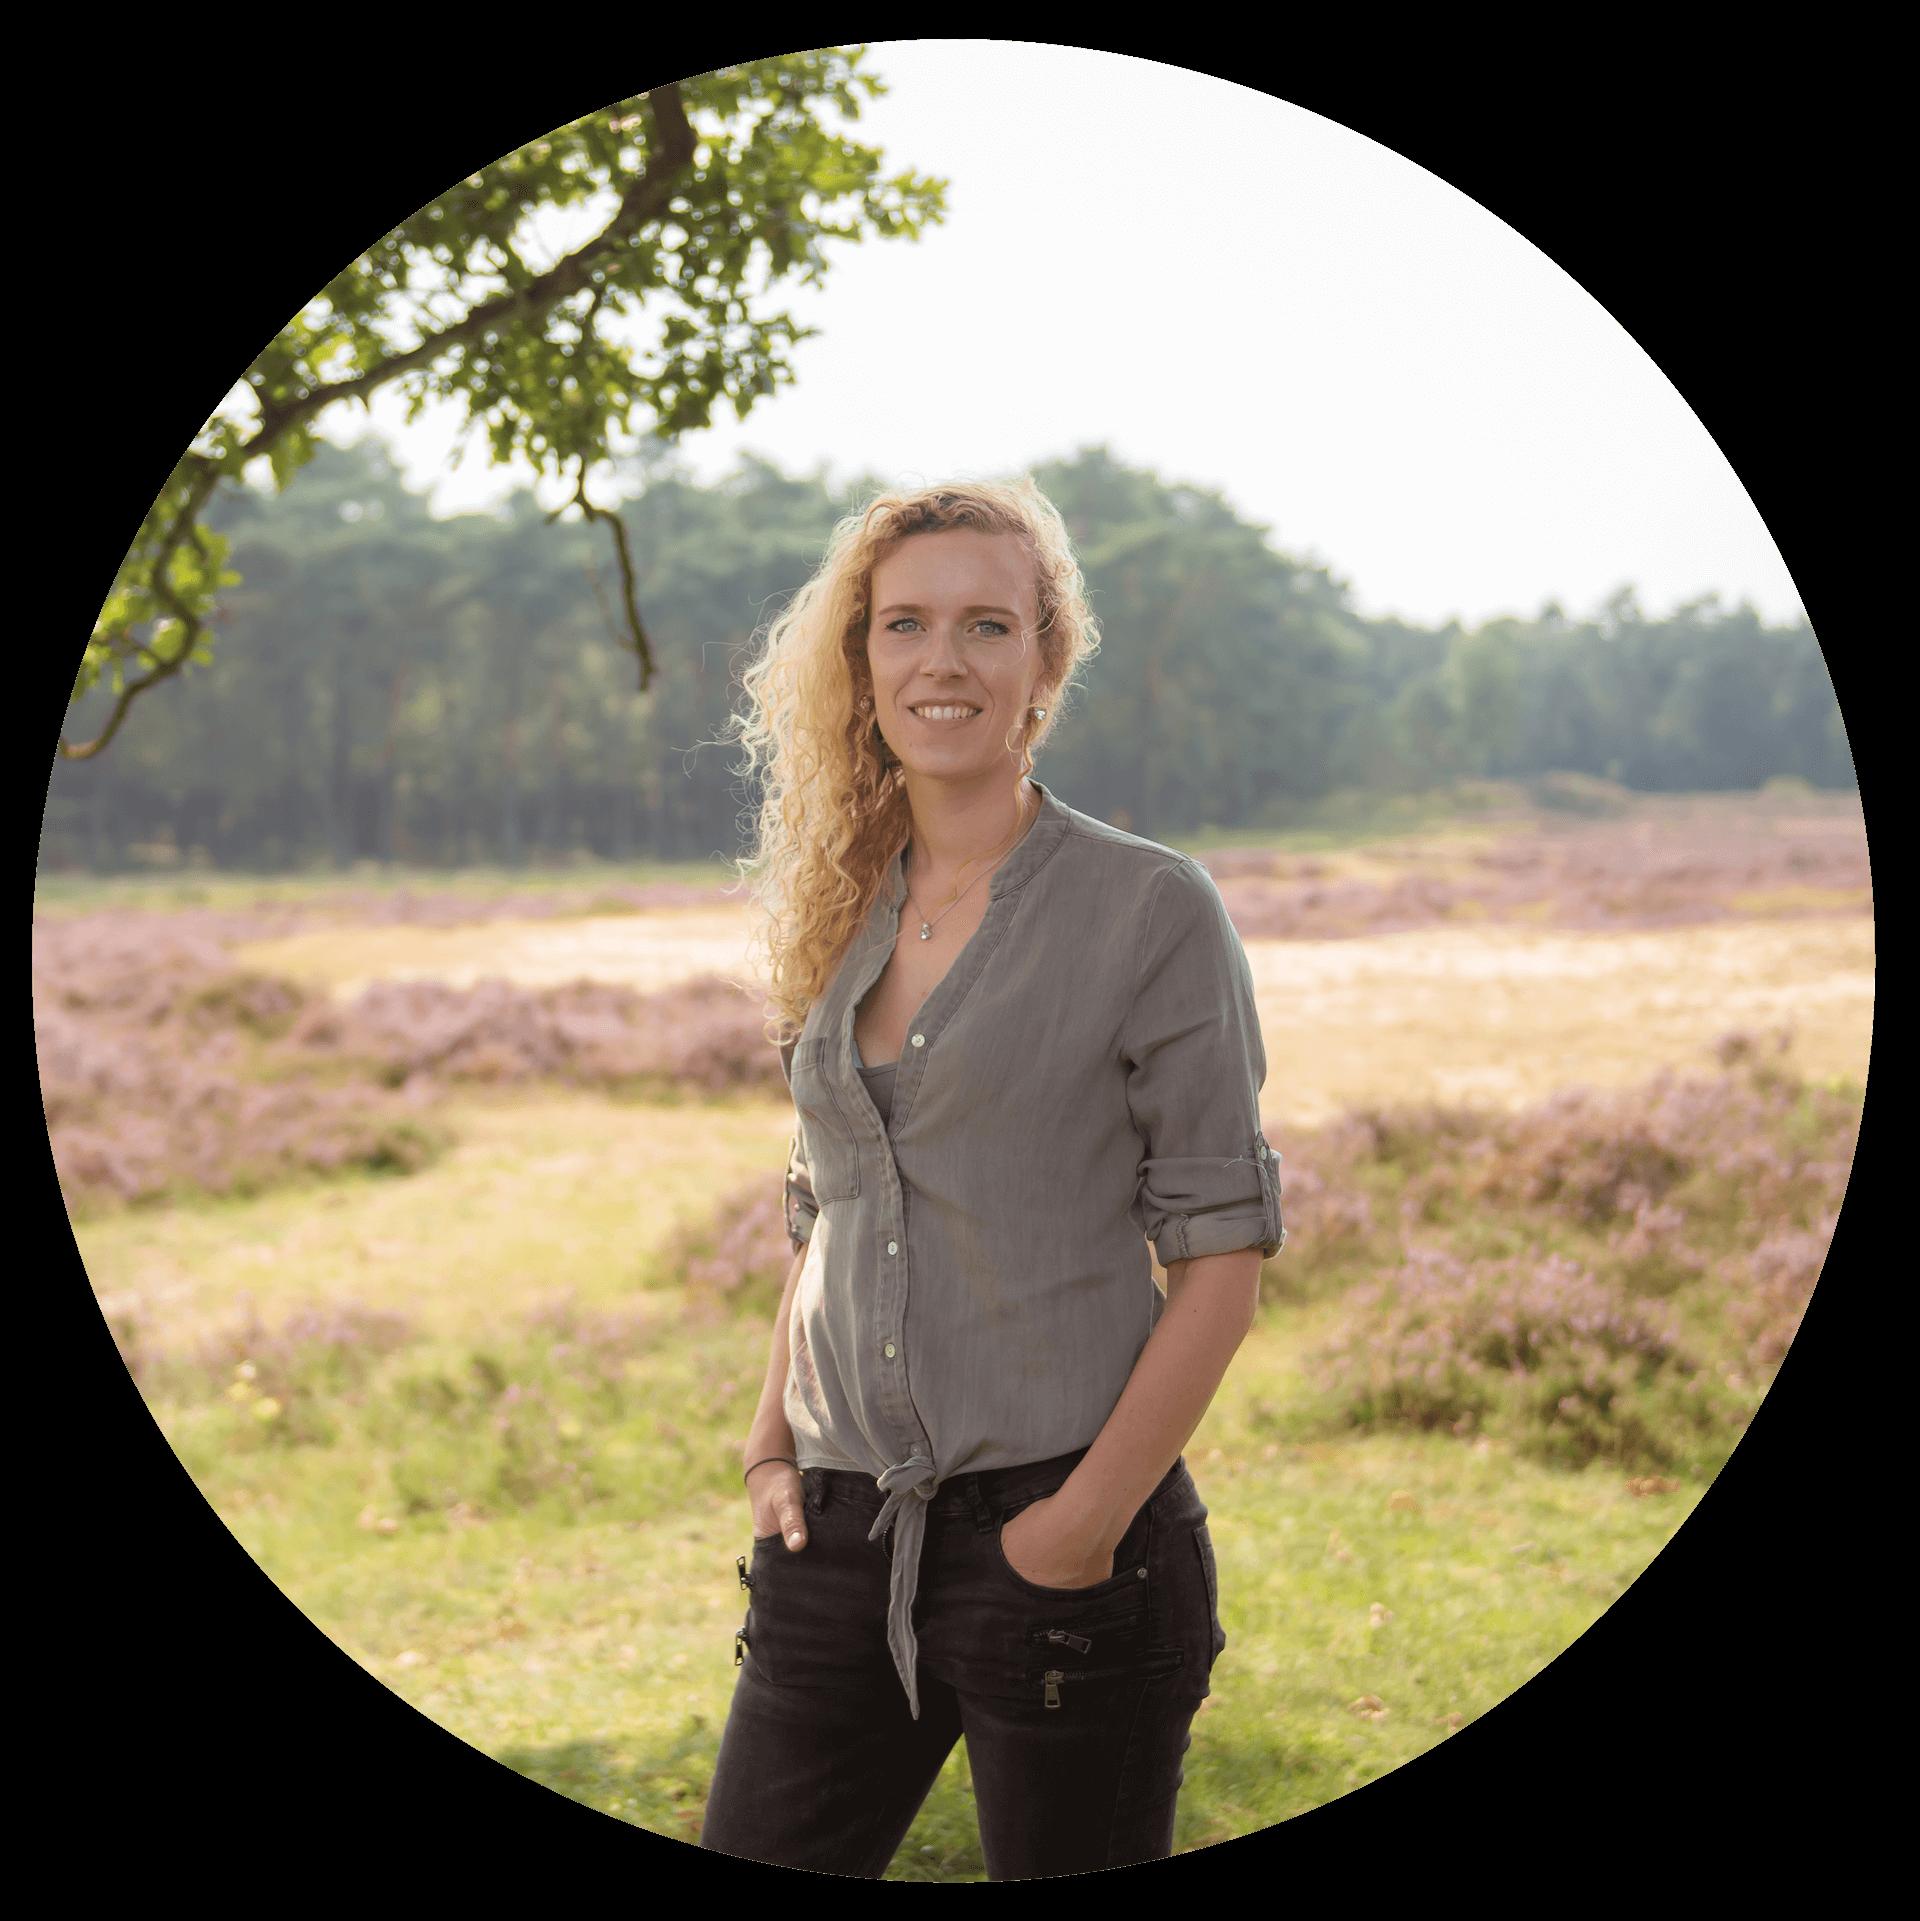 2017 dorothee fotografie alkmaar-lifestyle-over-de-fotograaf-dorothee-van-osch